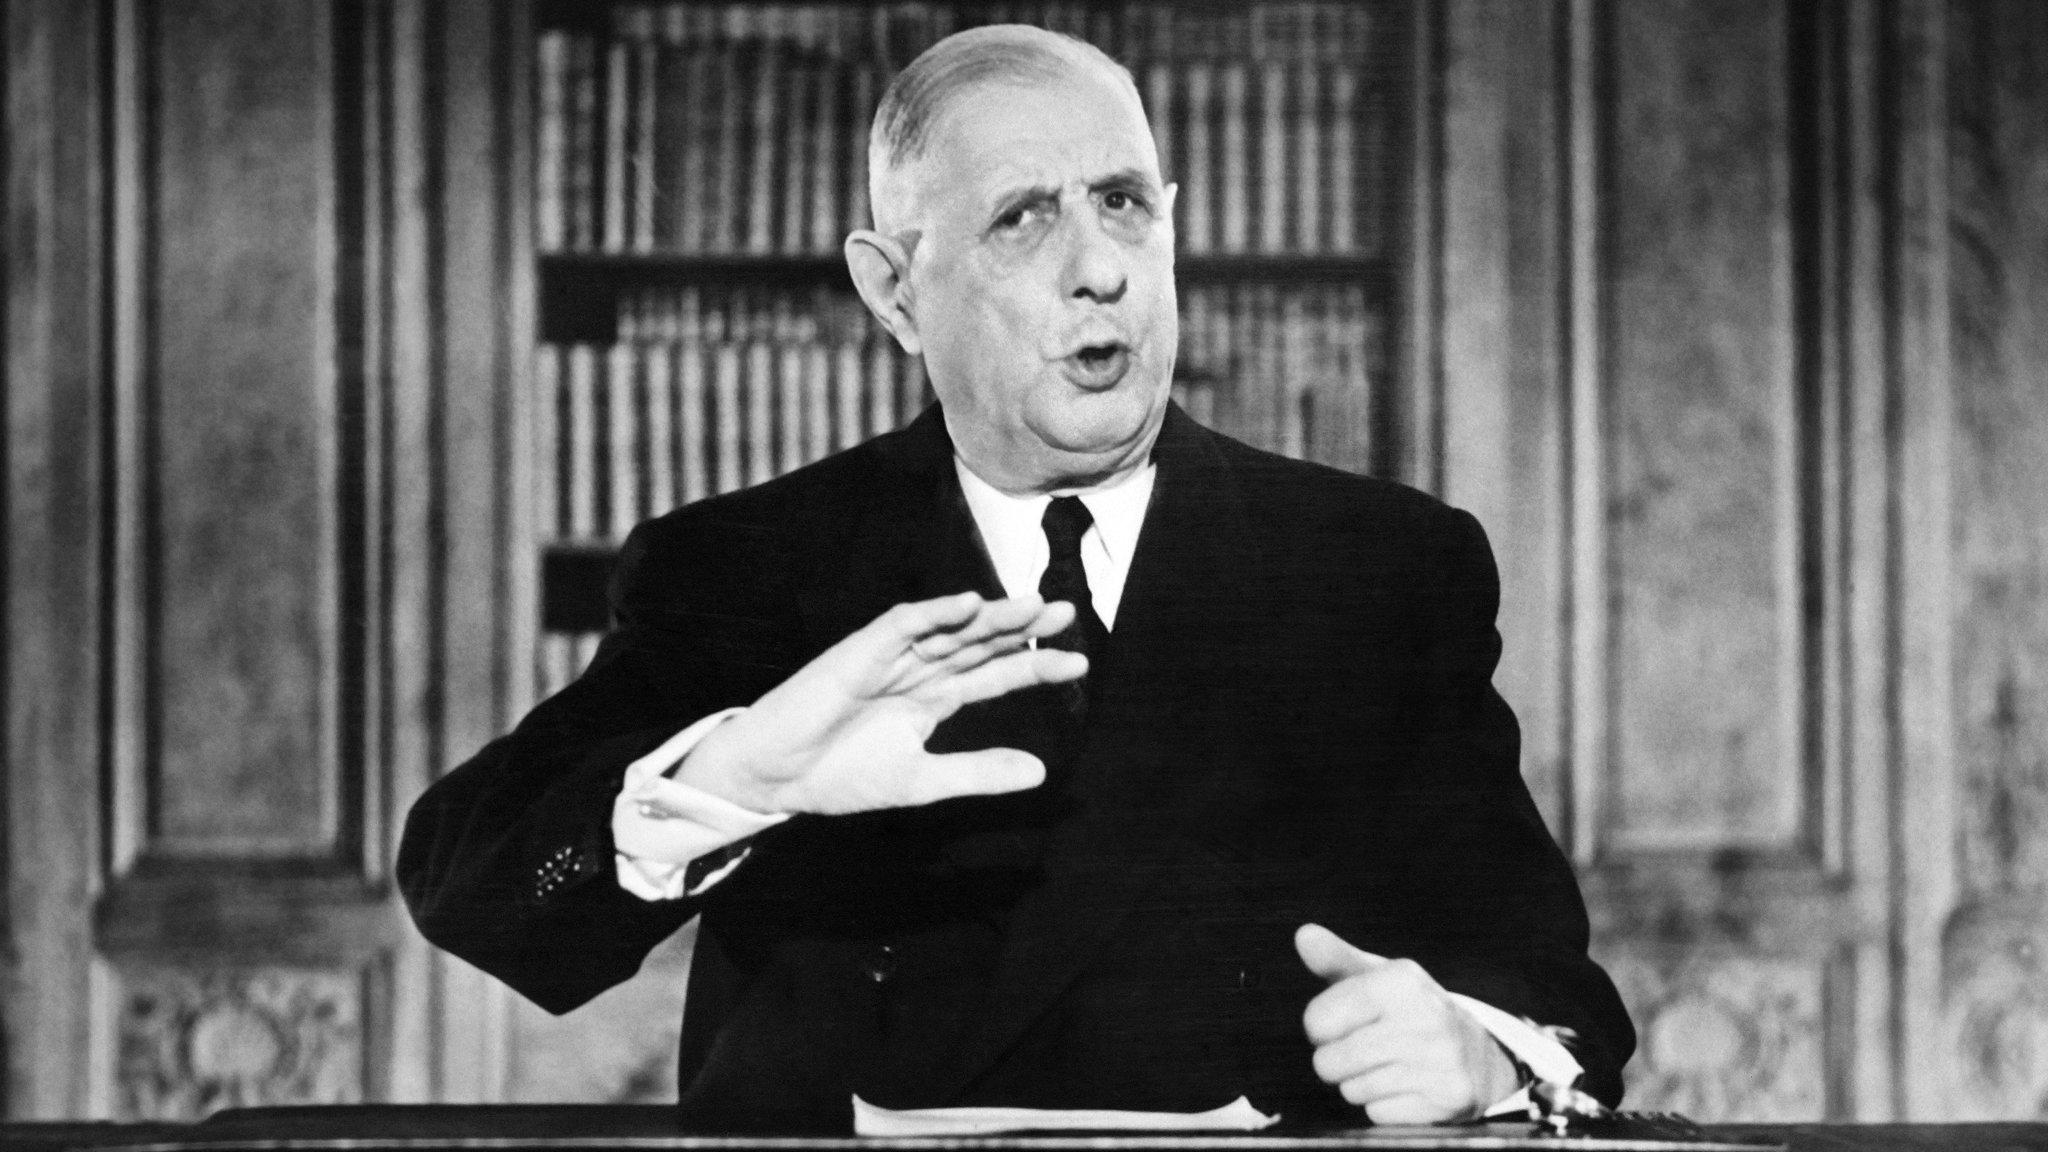 Non Boris Johnson Is Not De Gaulle Financial Times De Gaulle